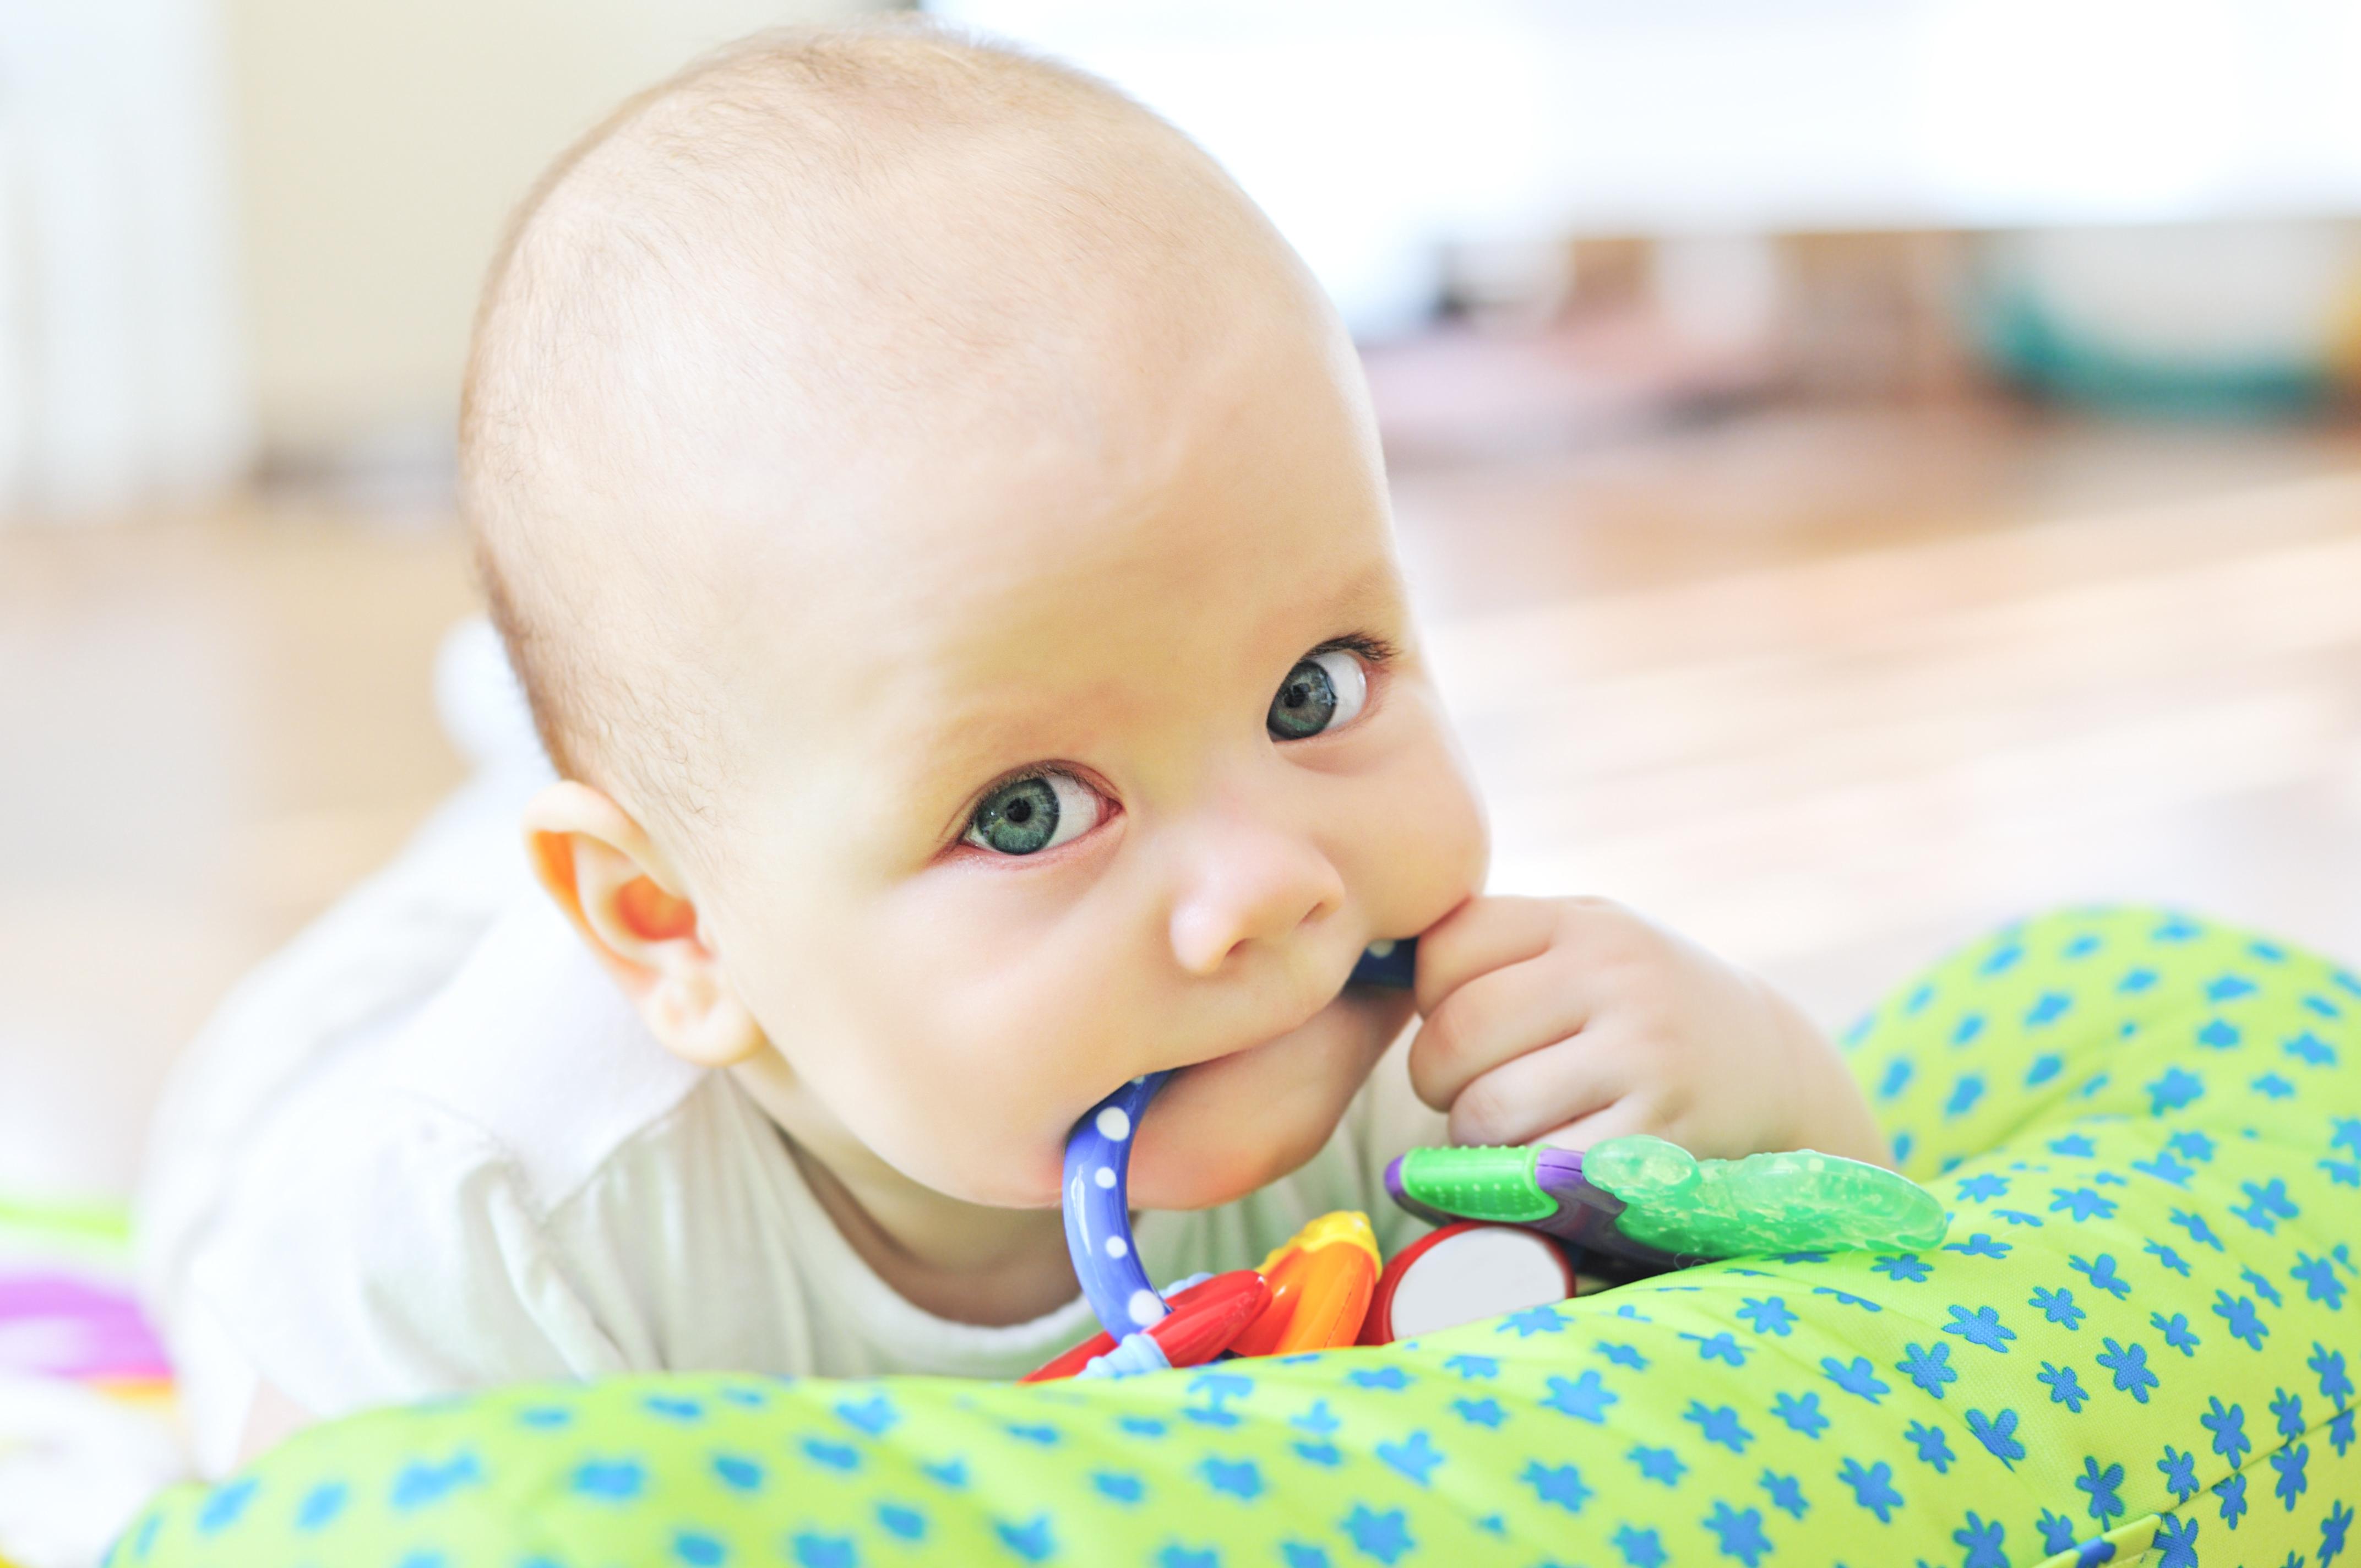 Zähneknirschen: Muss mein Kind zum Arzt?